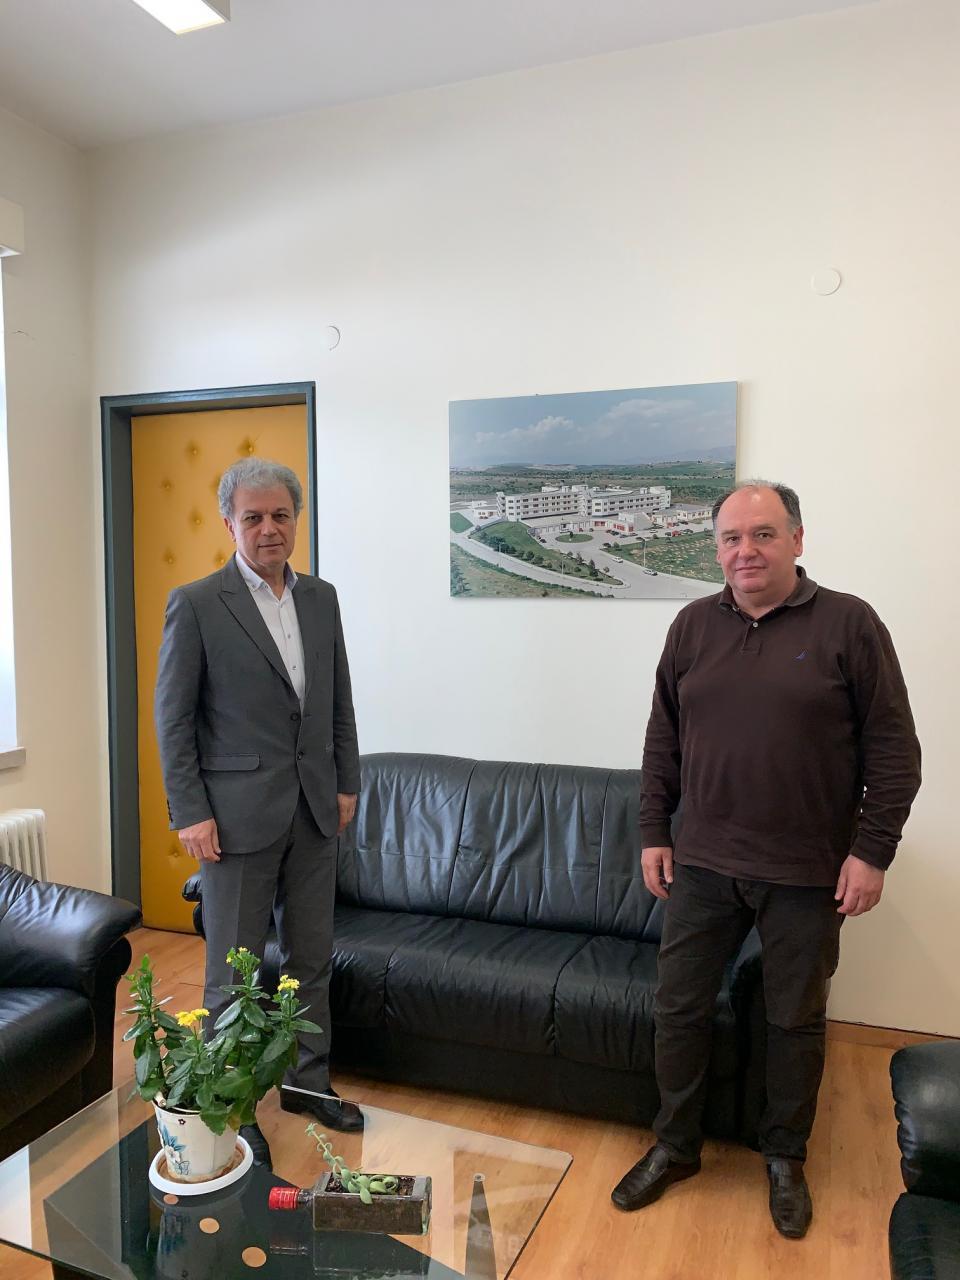 Μια παραγωγική συνεργασία έγινε στο ΜΠΟΔΟΣΑΚΕΙΟ Νοσοκομείο Πτολεμαΐδας μεταξύ του Βουλευτή Ν. Κοζάνης κ. Γιώργου Αμανατίδη και του Διοικητή του ΜΠΟΔΟΣΑΚΕΙΟΥ κ. Σταύρου Παπασωτηρίου.